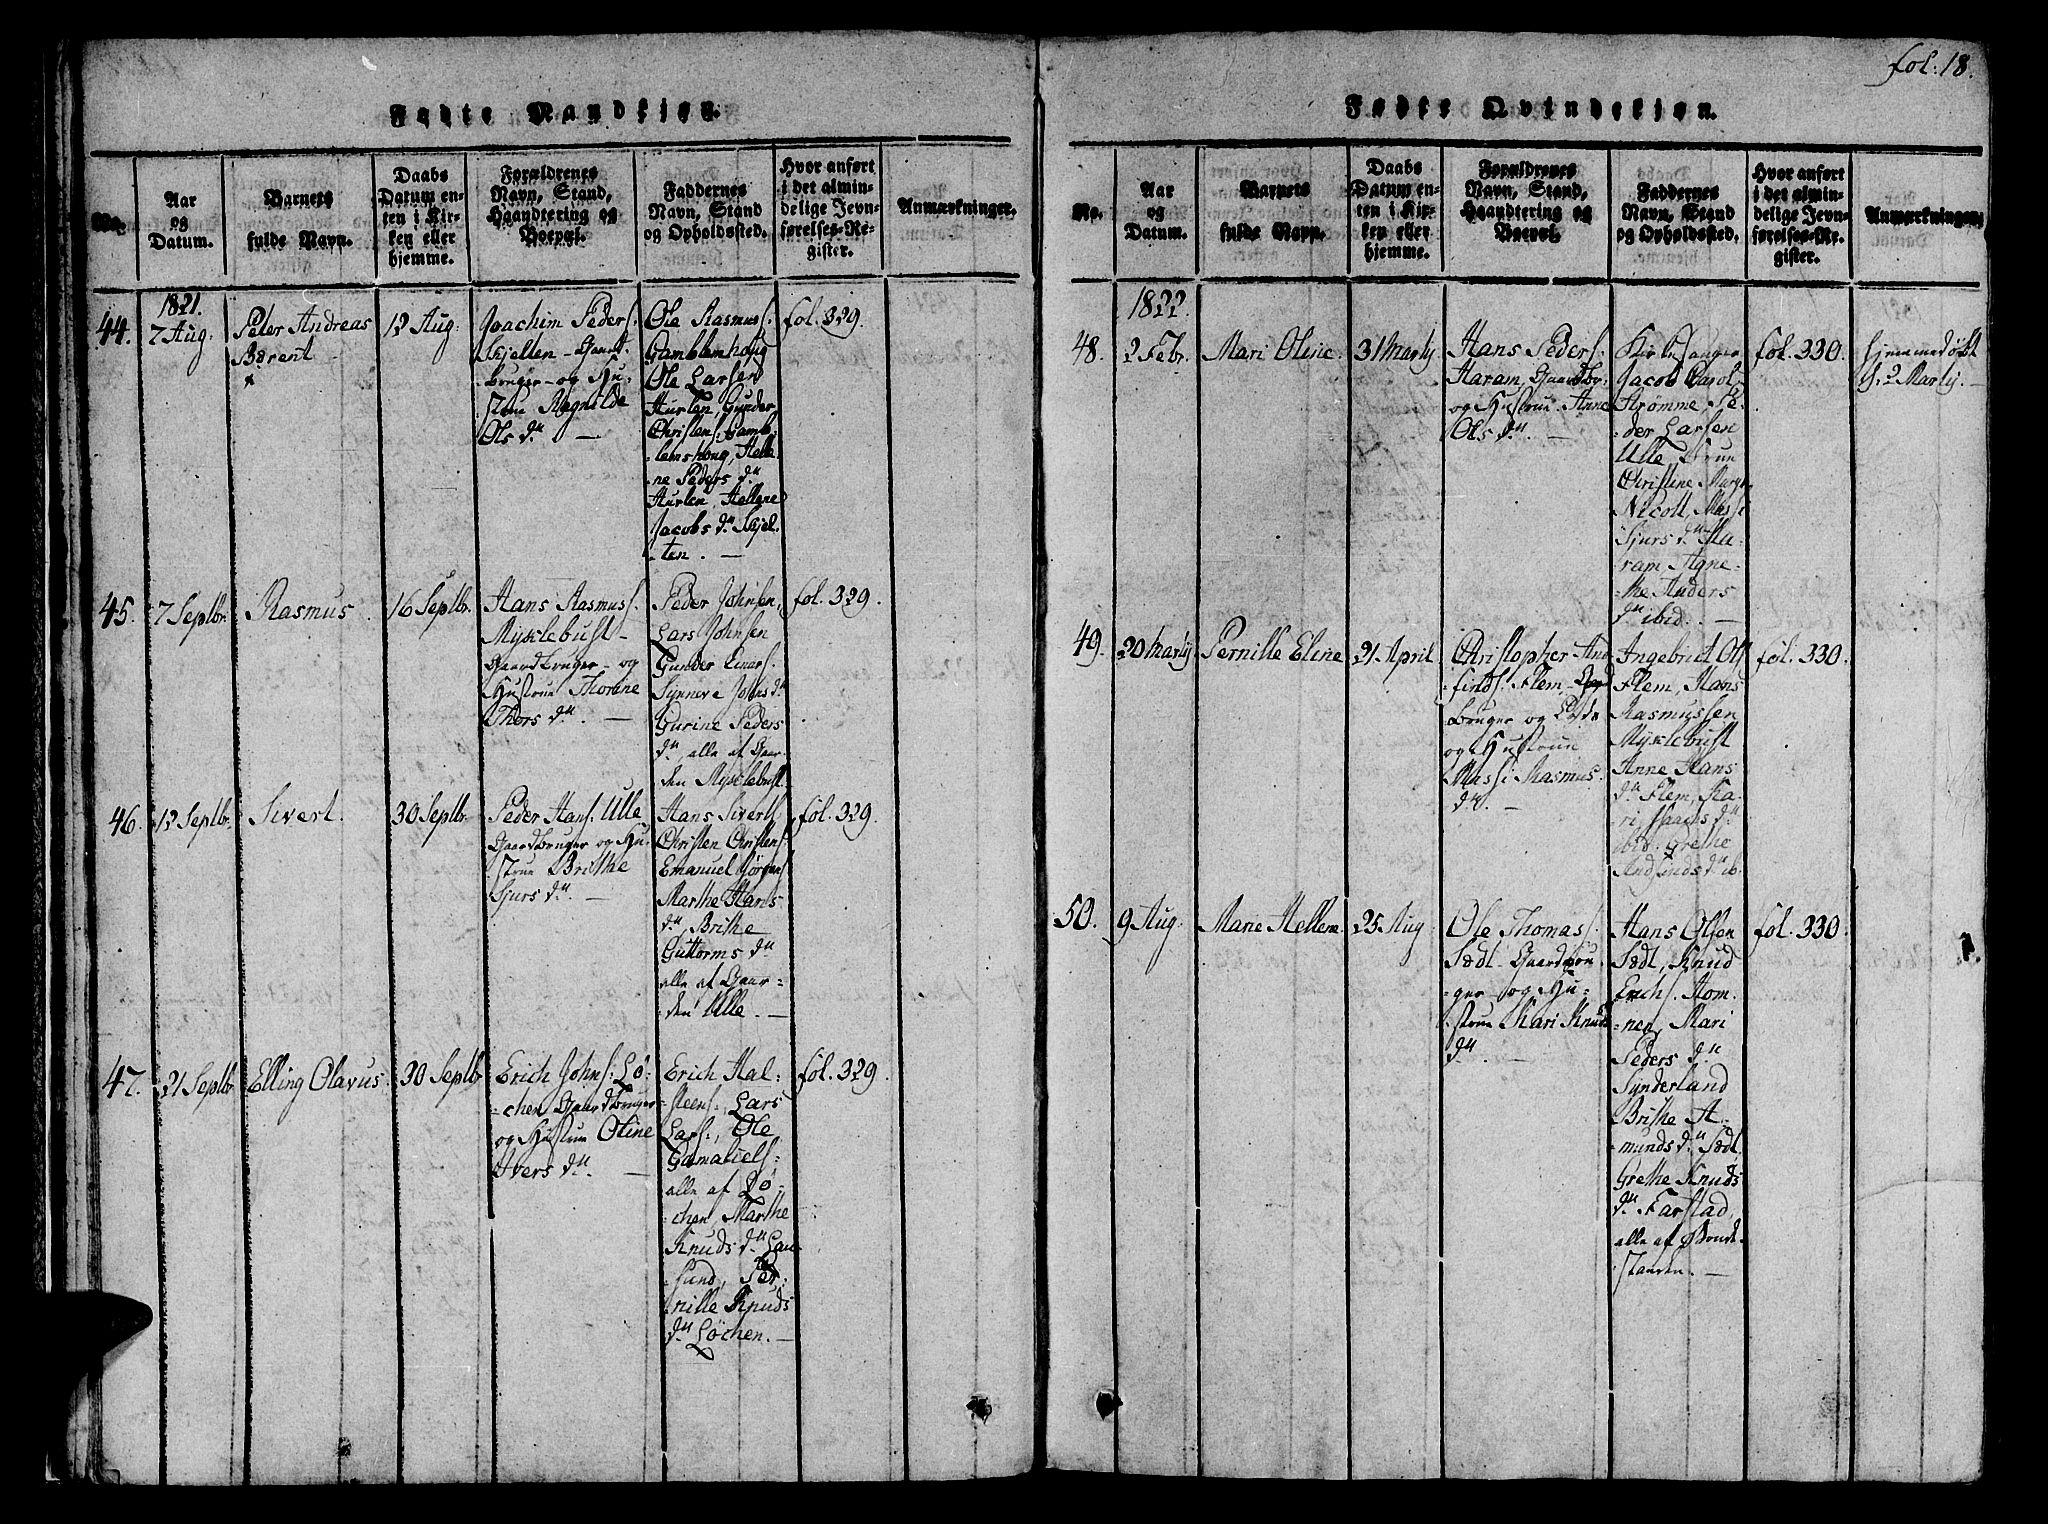 SAT, Ministerialprotokoller, klokkerbøker og fødselsregistre - Møre og Romsdal, 536/L0495: Ministerialbok nr. 536A04, 1818-1847, s. 18